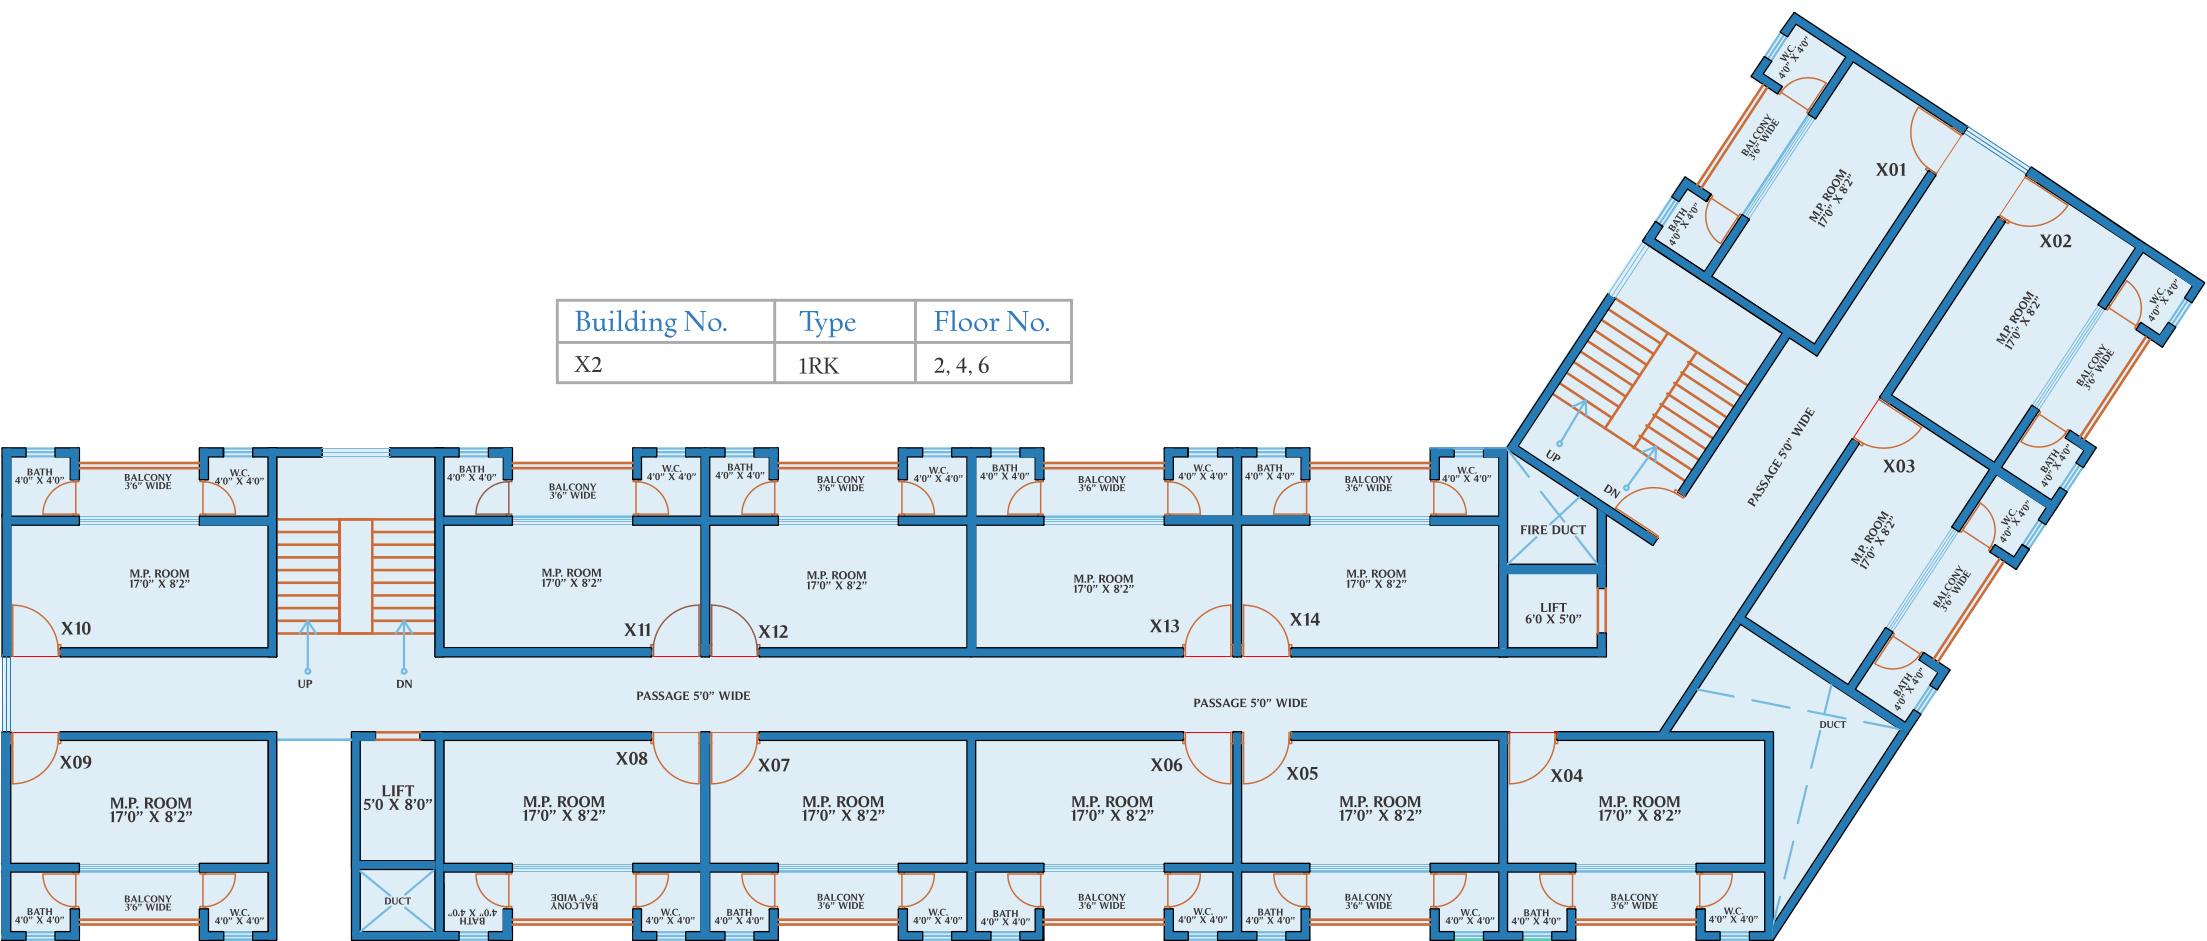 Photo Tata Nano House Plans Images 70 Modelos De Camas Suspensas – Nano House Plans